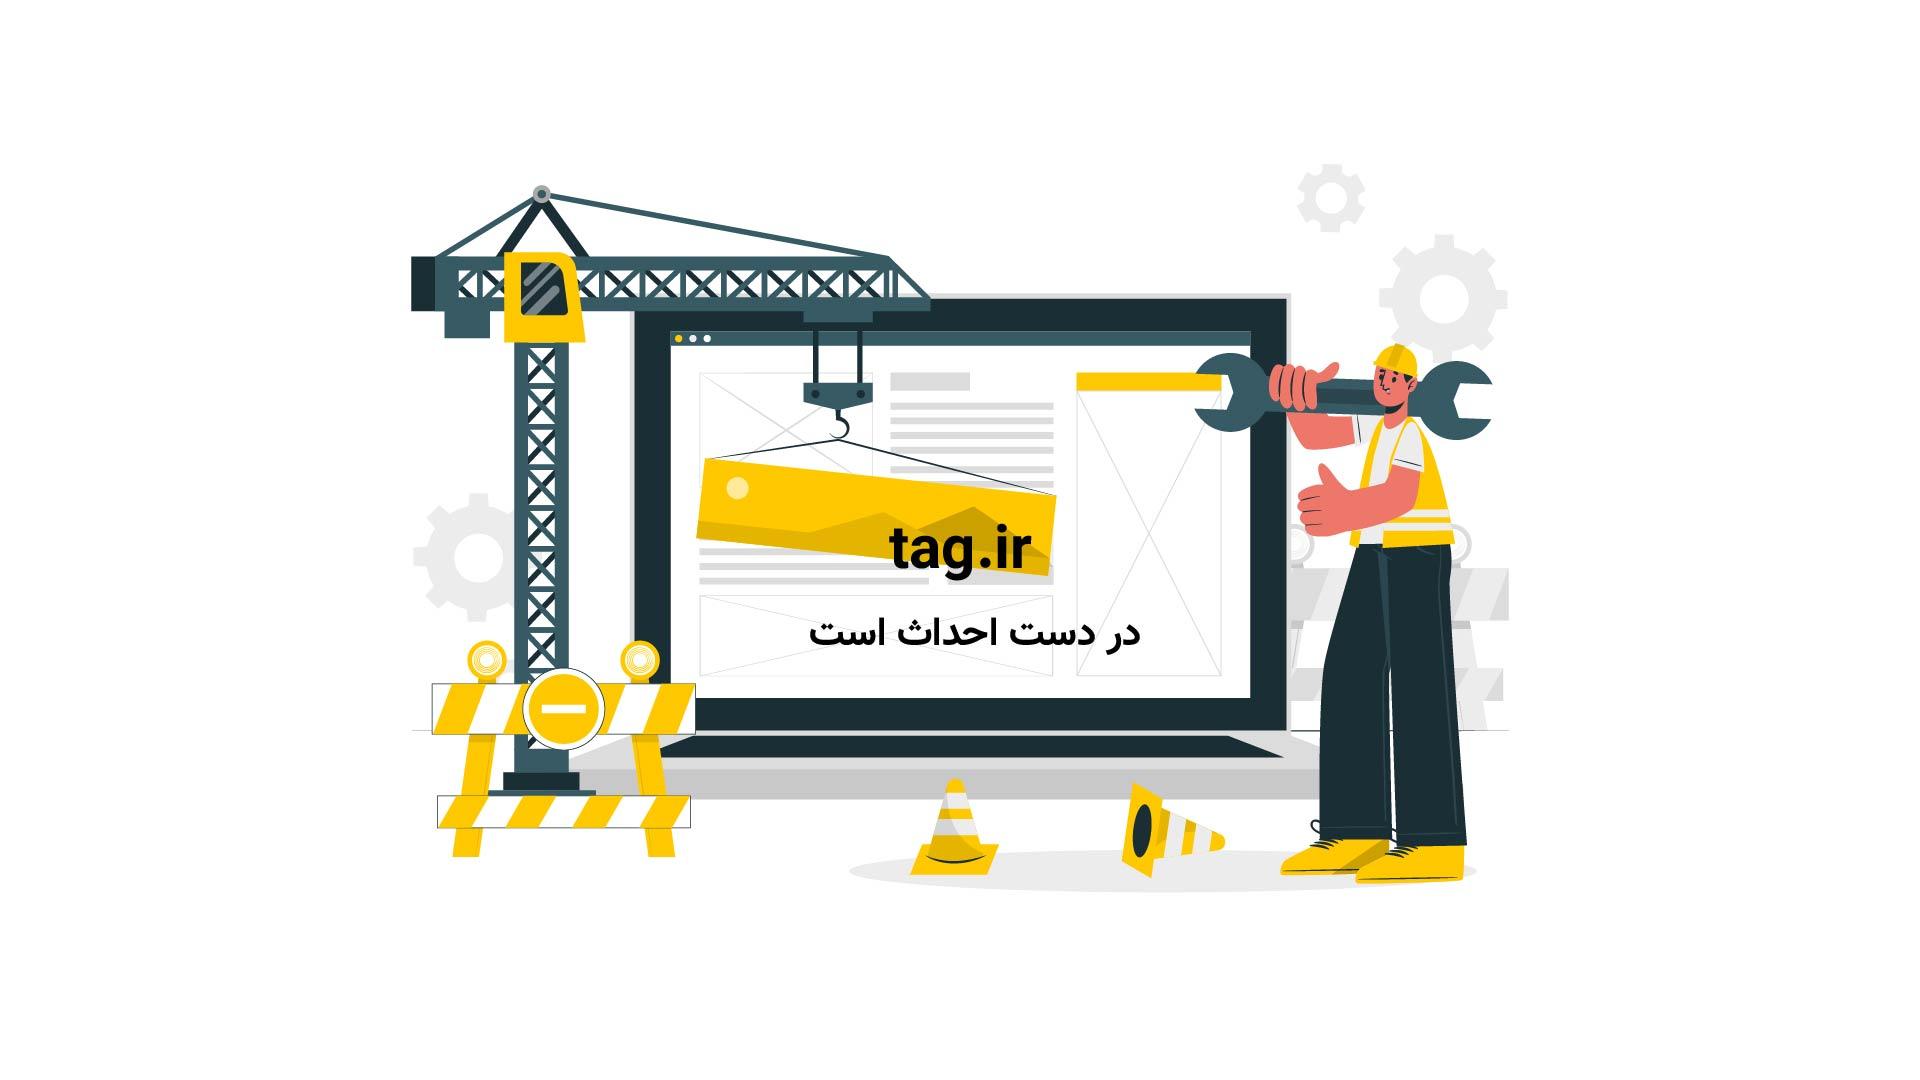 آموزش ساخت شمع با استفاده از قالب شنی | فیلم